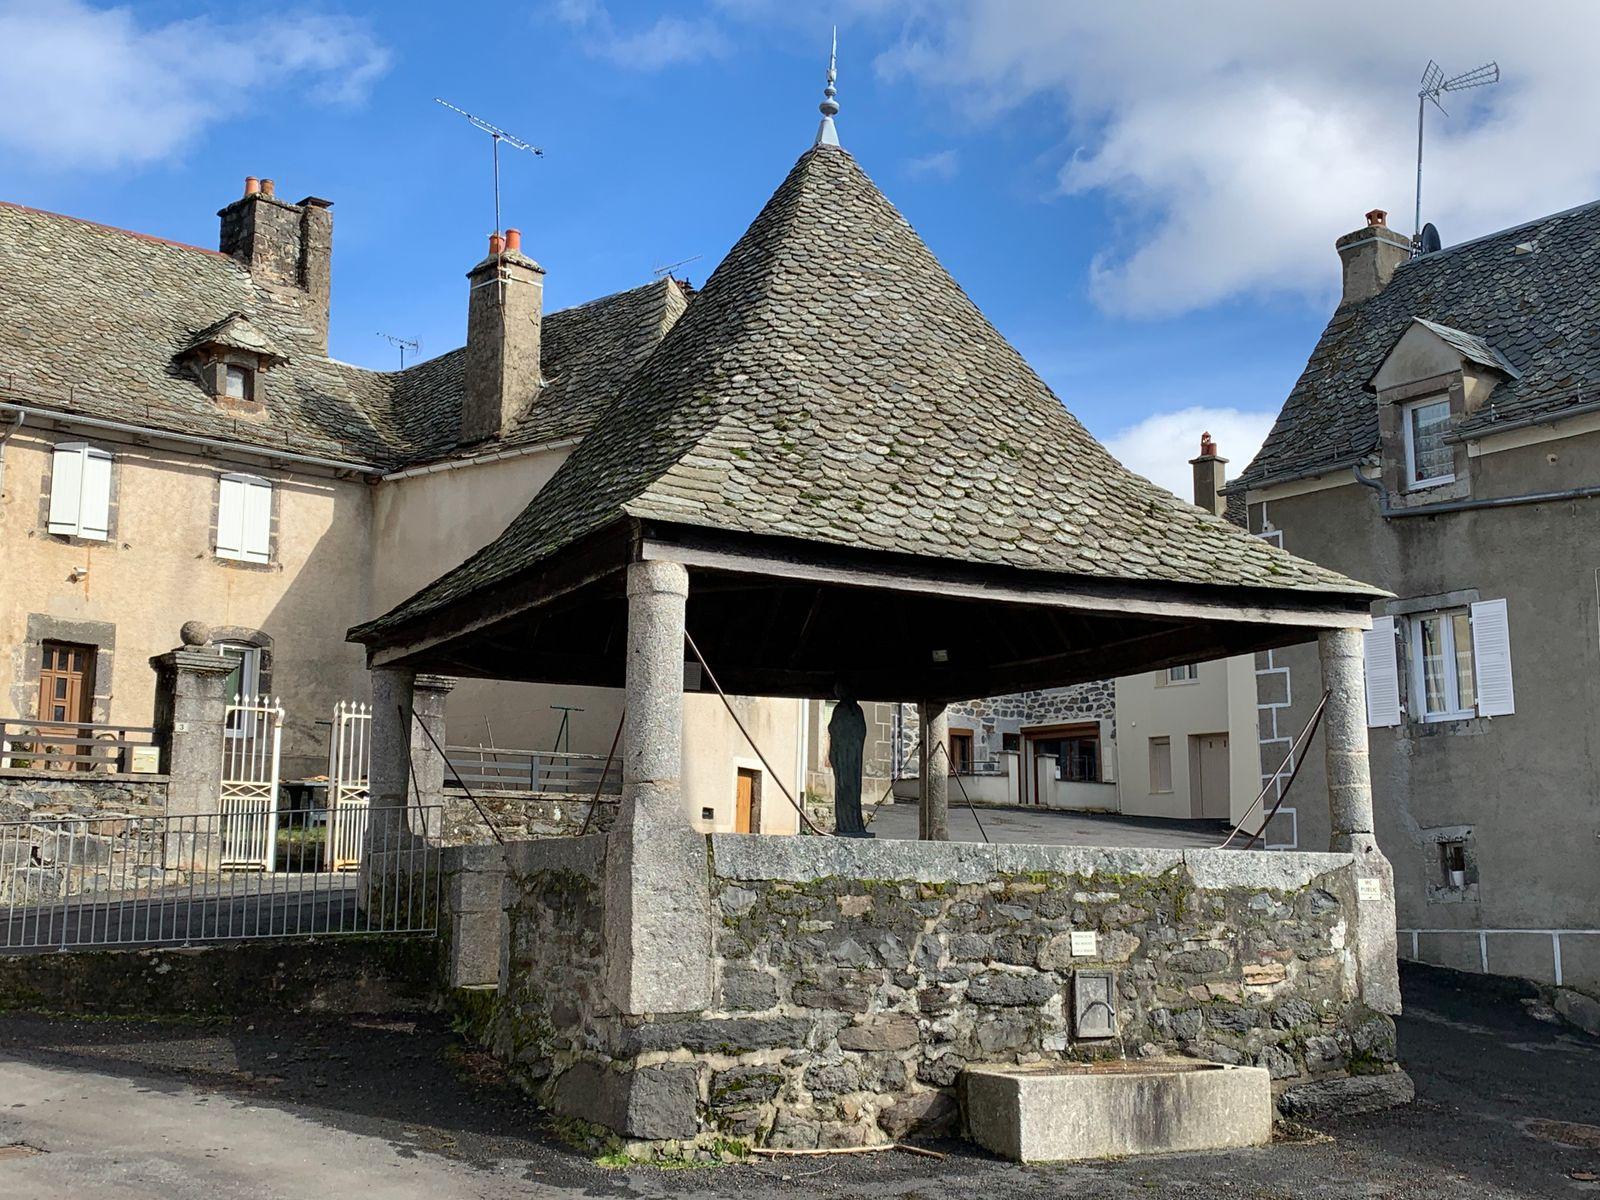 L'Oratoire du village du 17 Ième siècle, restauré en 1981 par la municipalité.